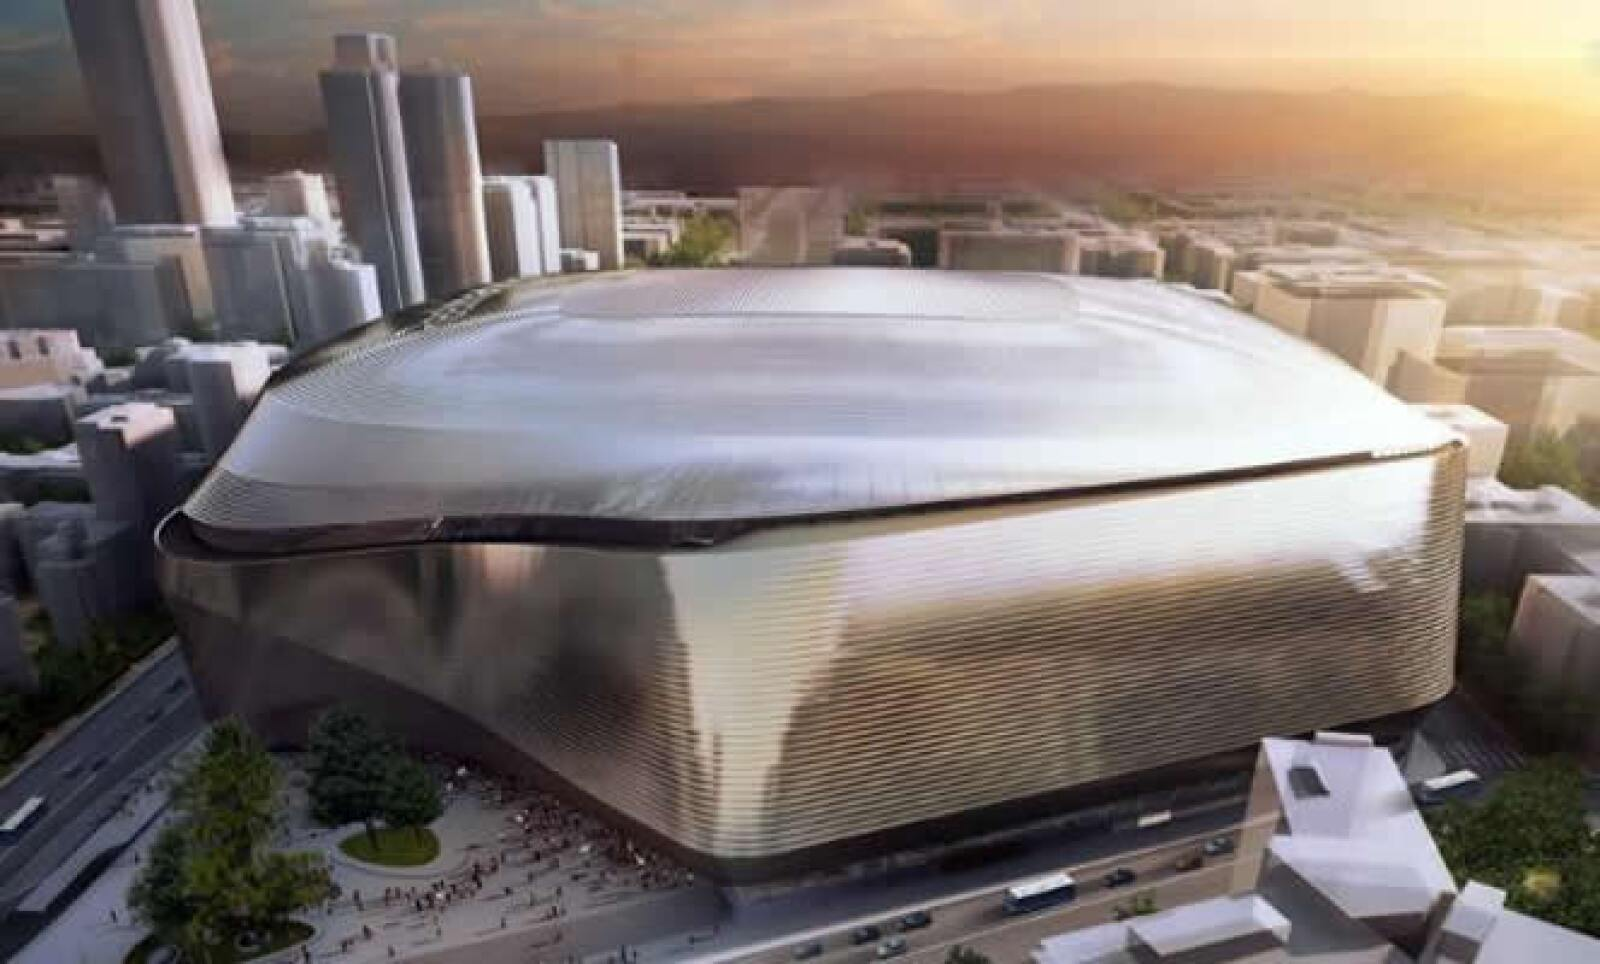 Un video mostró imágenes de la evolución del estadio y de los principales eventos deportivos que se han celebrado en éste.